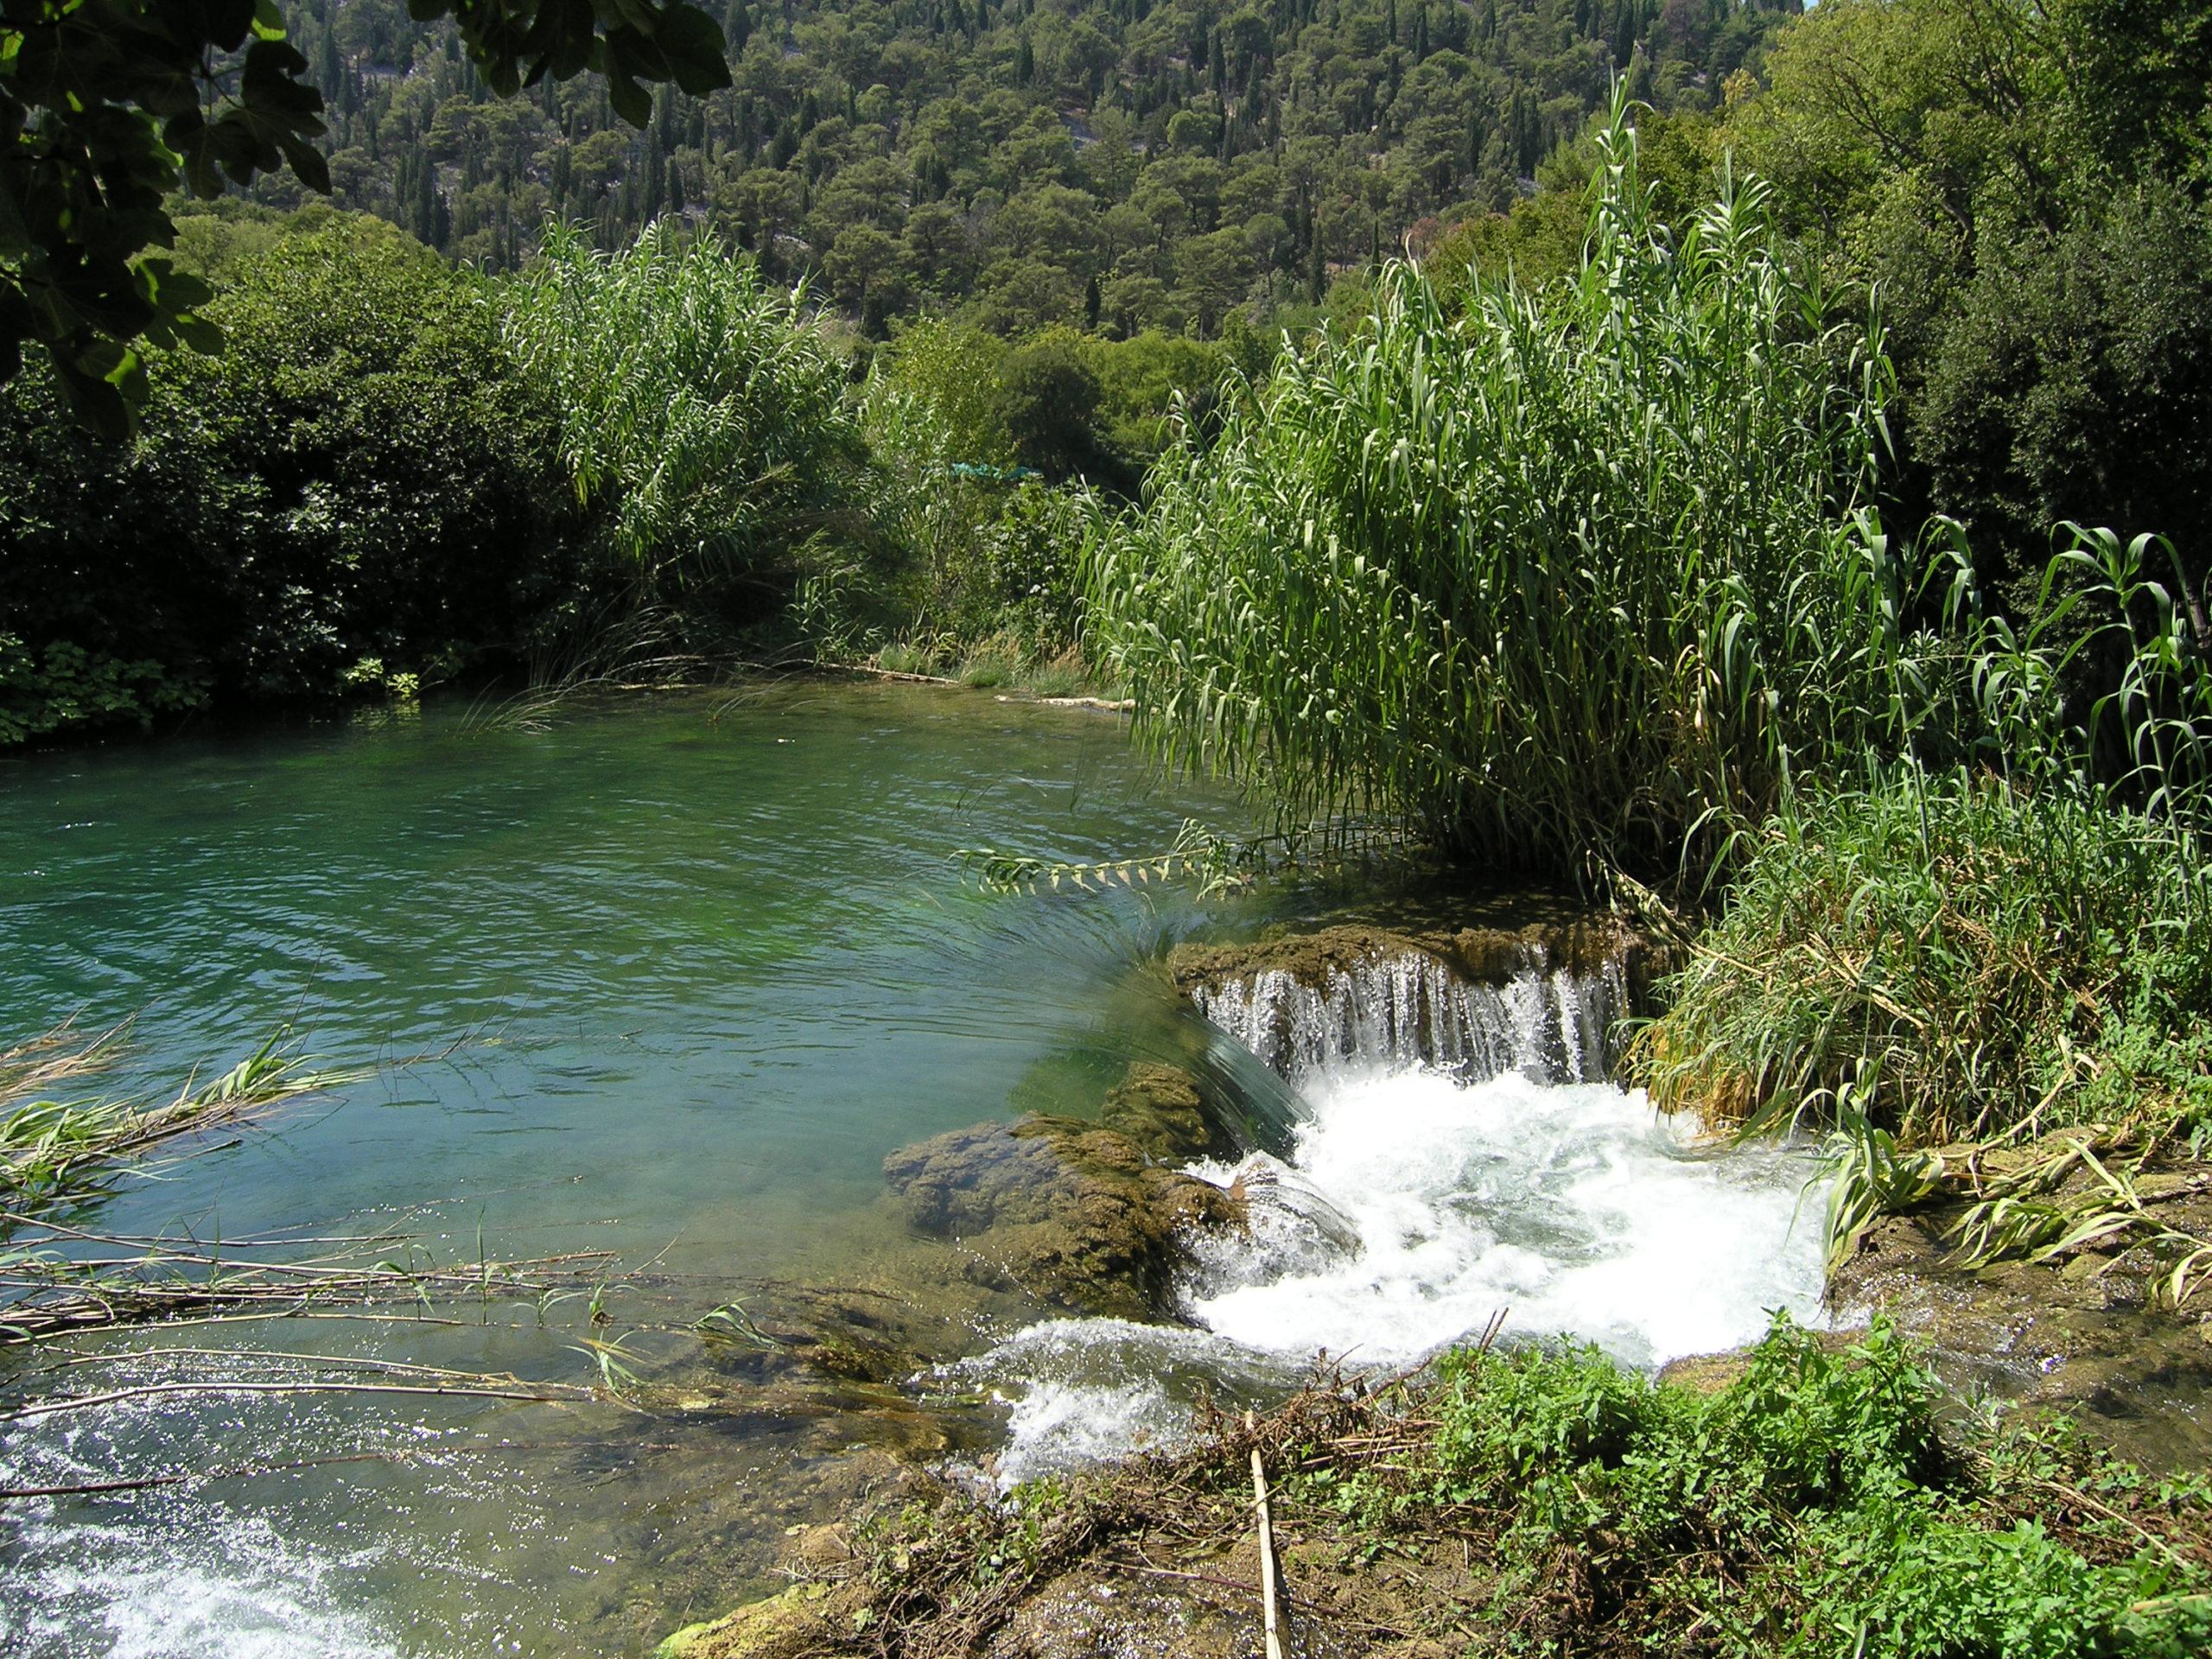 Rzeka wśród zieleni